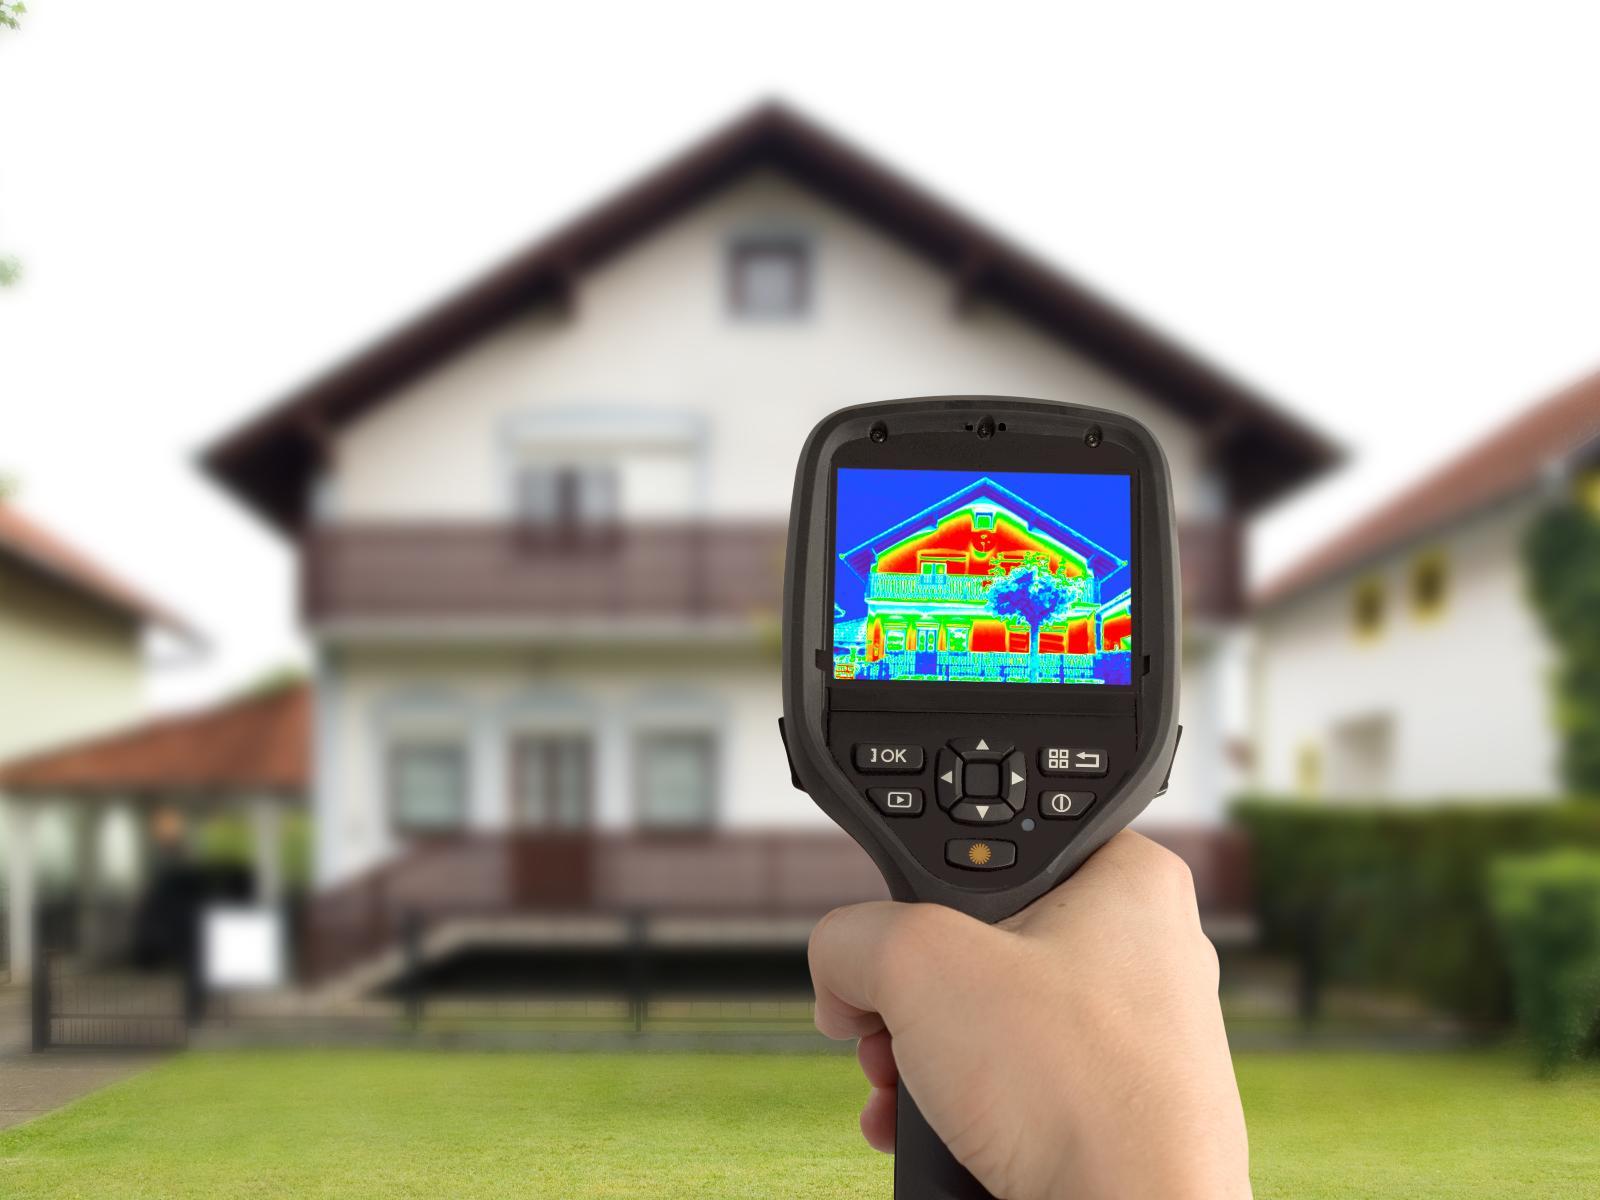 Eine Wärmebildkamera ist ein bildgebendes Gerät ähnlich einer herkömmlichen Kamera, das jedoch Infrarotstrahlung empfängt.